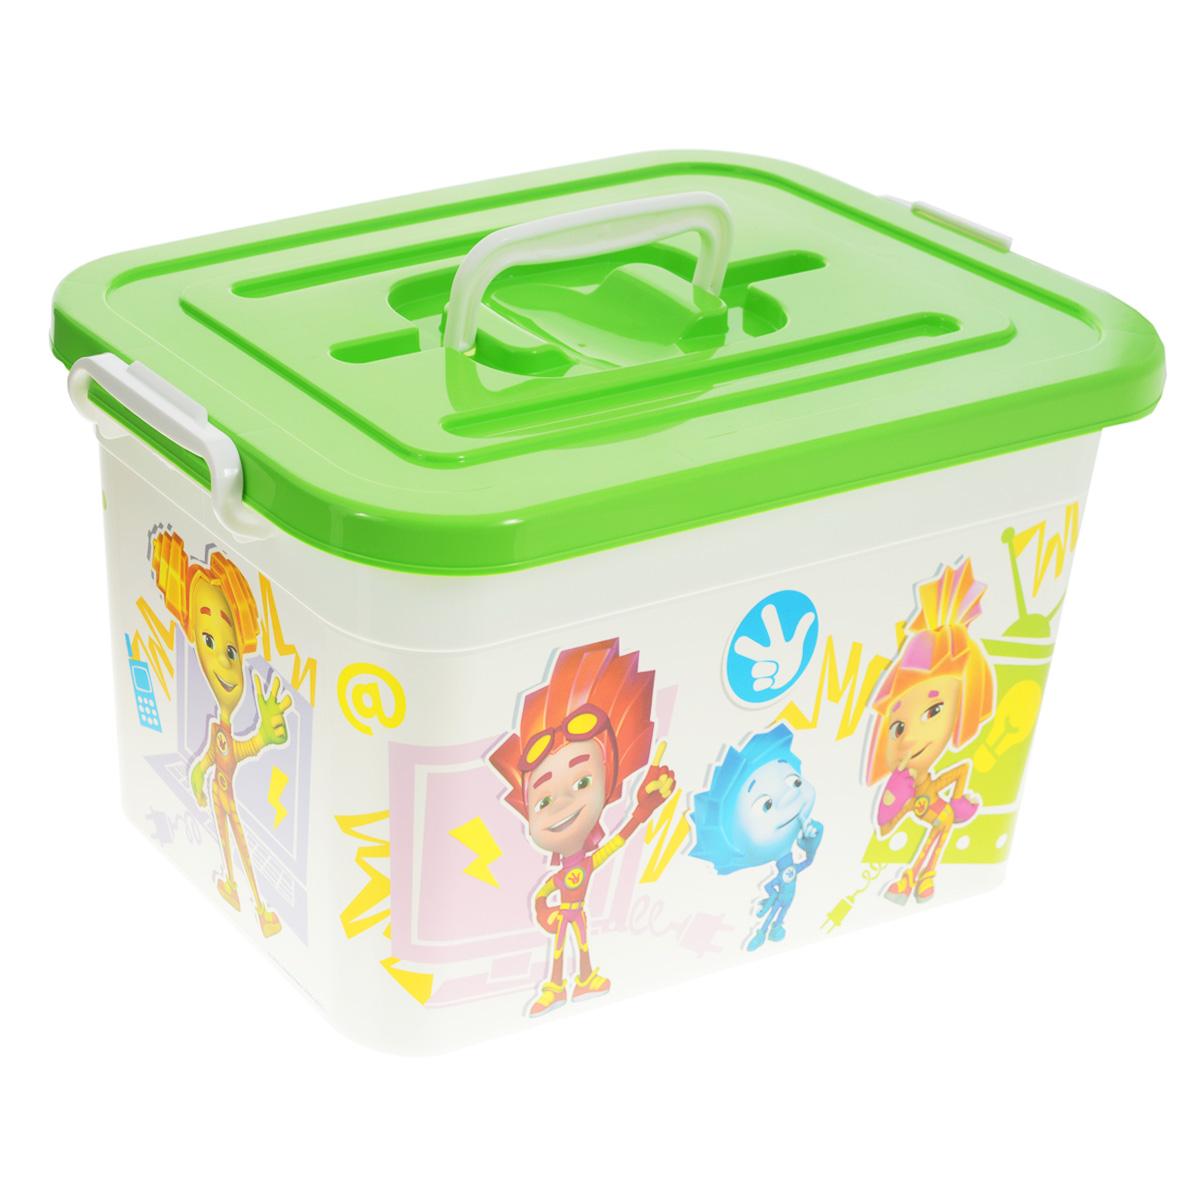 Ящик для игрушек Полимербыт Фиксики, цвет: салатовый, 10 л ящик для игрушек me to you с ручкой новогодний 2 л